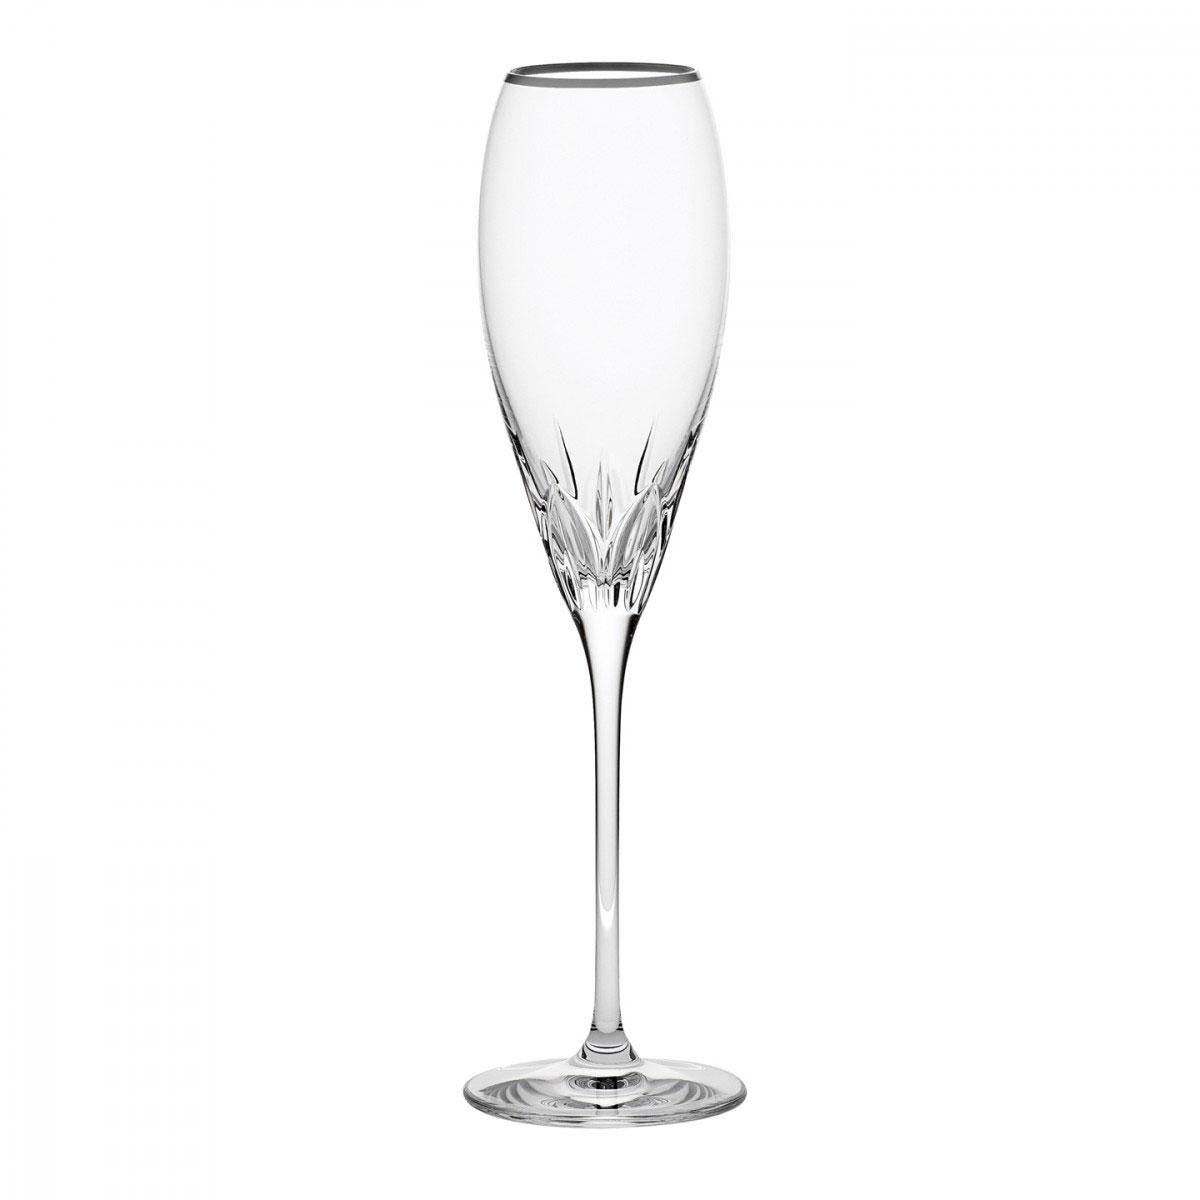 Wedgwood Knightsbridge Platinum Crystal Flute, Single